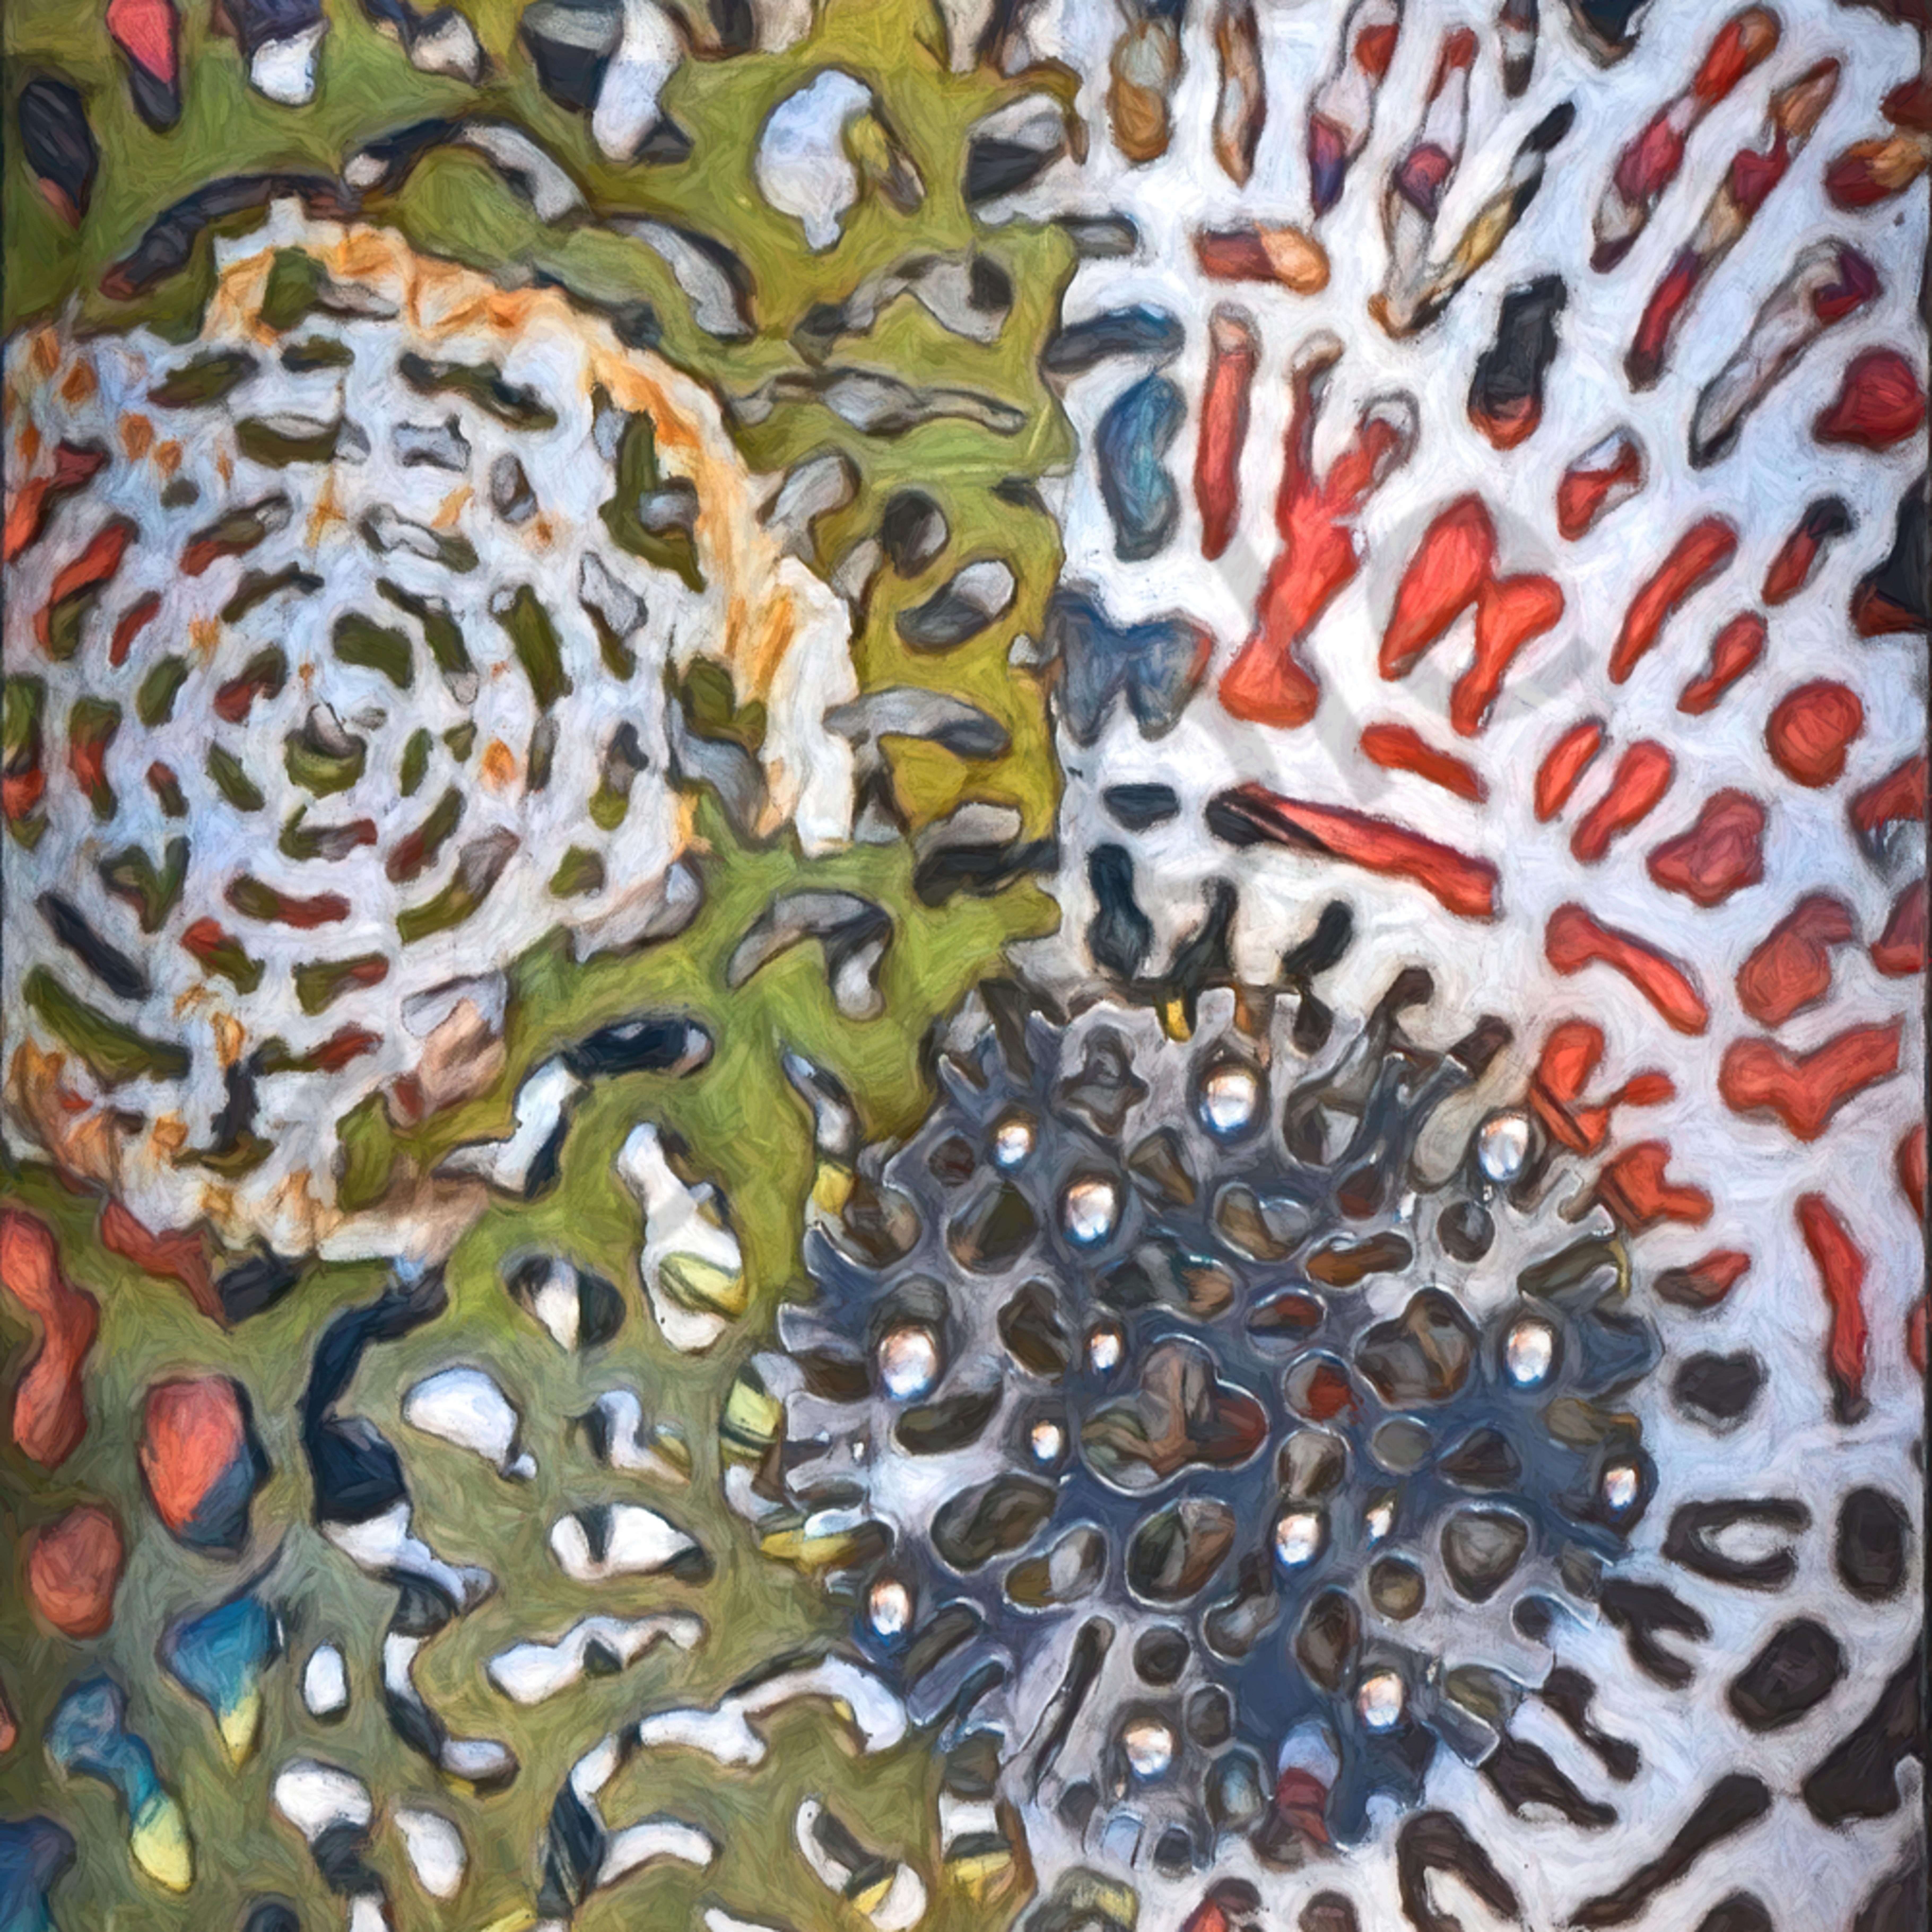 Inna dzhanibekova collage radiolaria 1 abstract prinst website gp02 kdhsjf